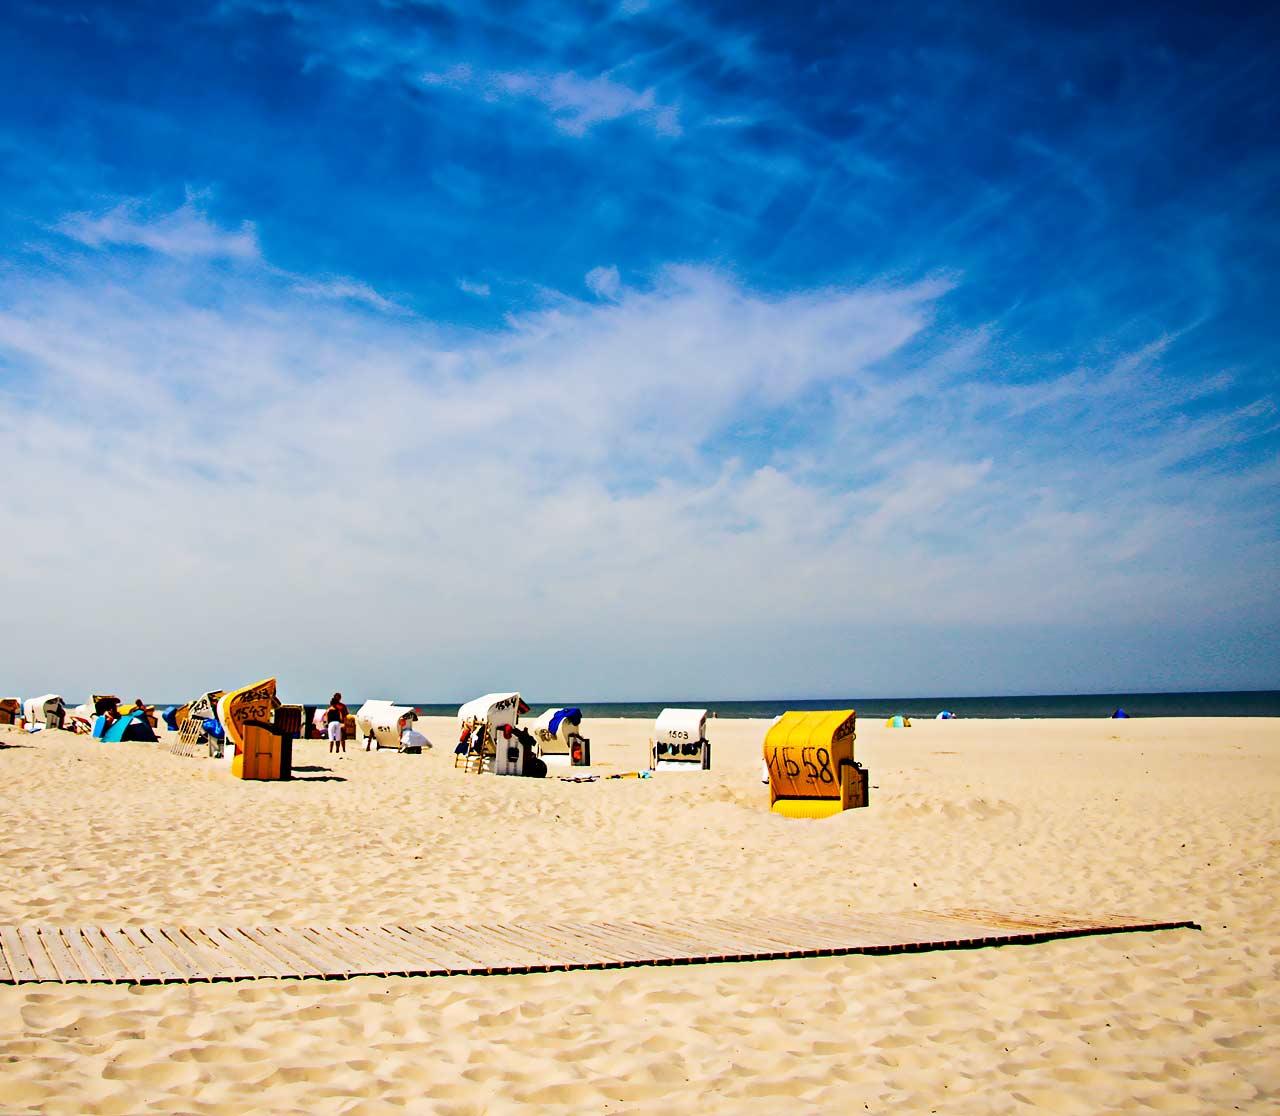 Strandfoto im Sommer auf Juist mit Strandkörben